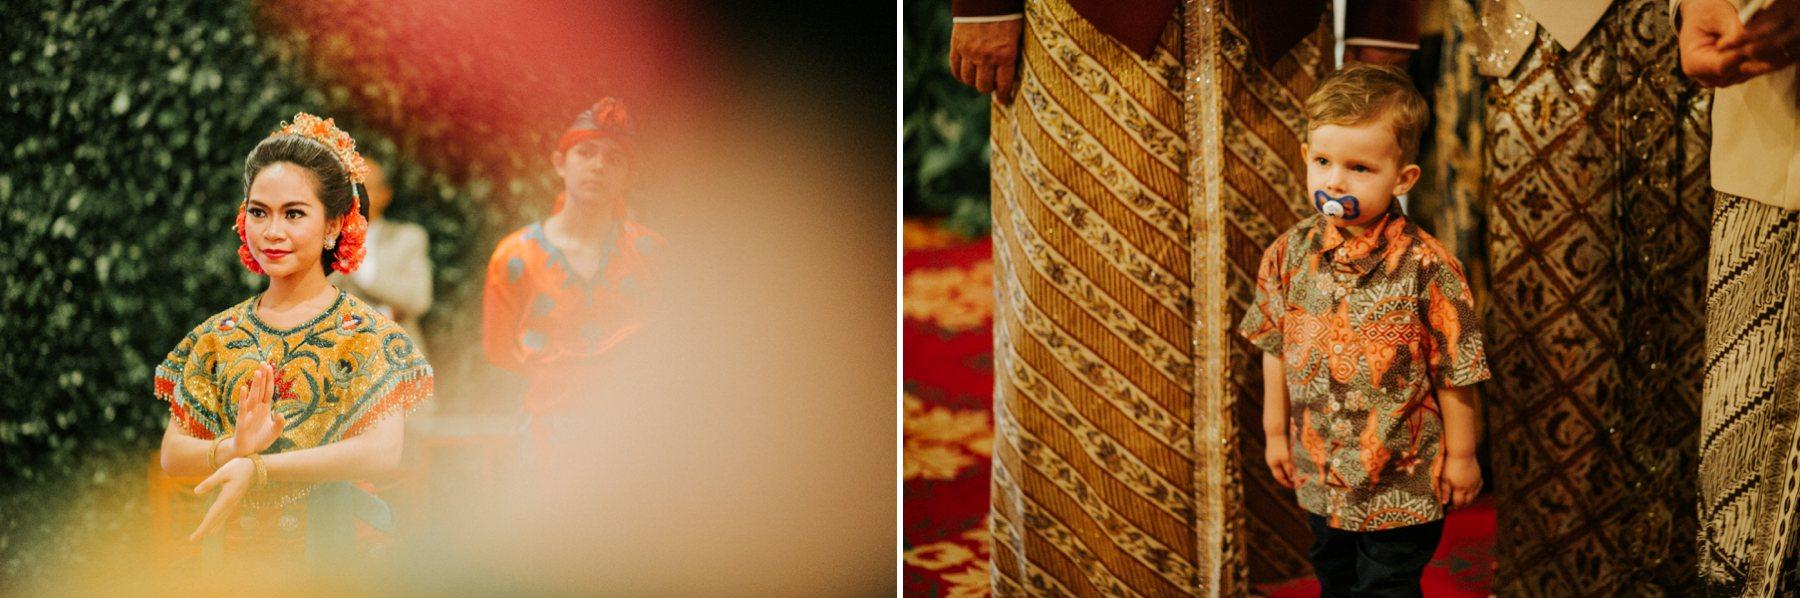 ritz_carlton_jakarta_wedding__0040